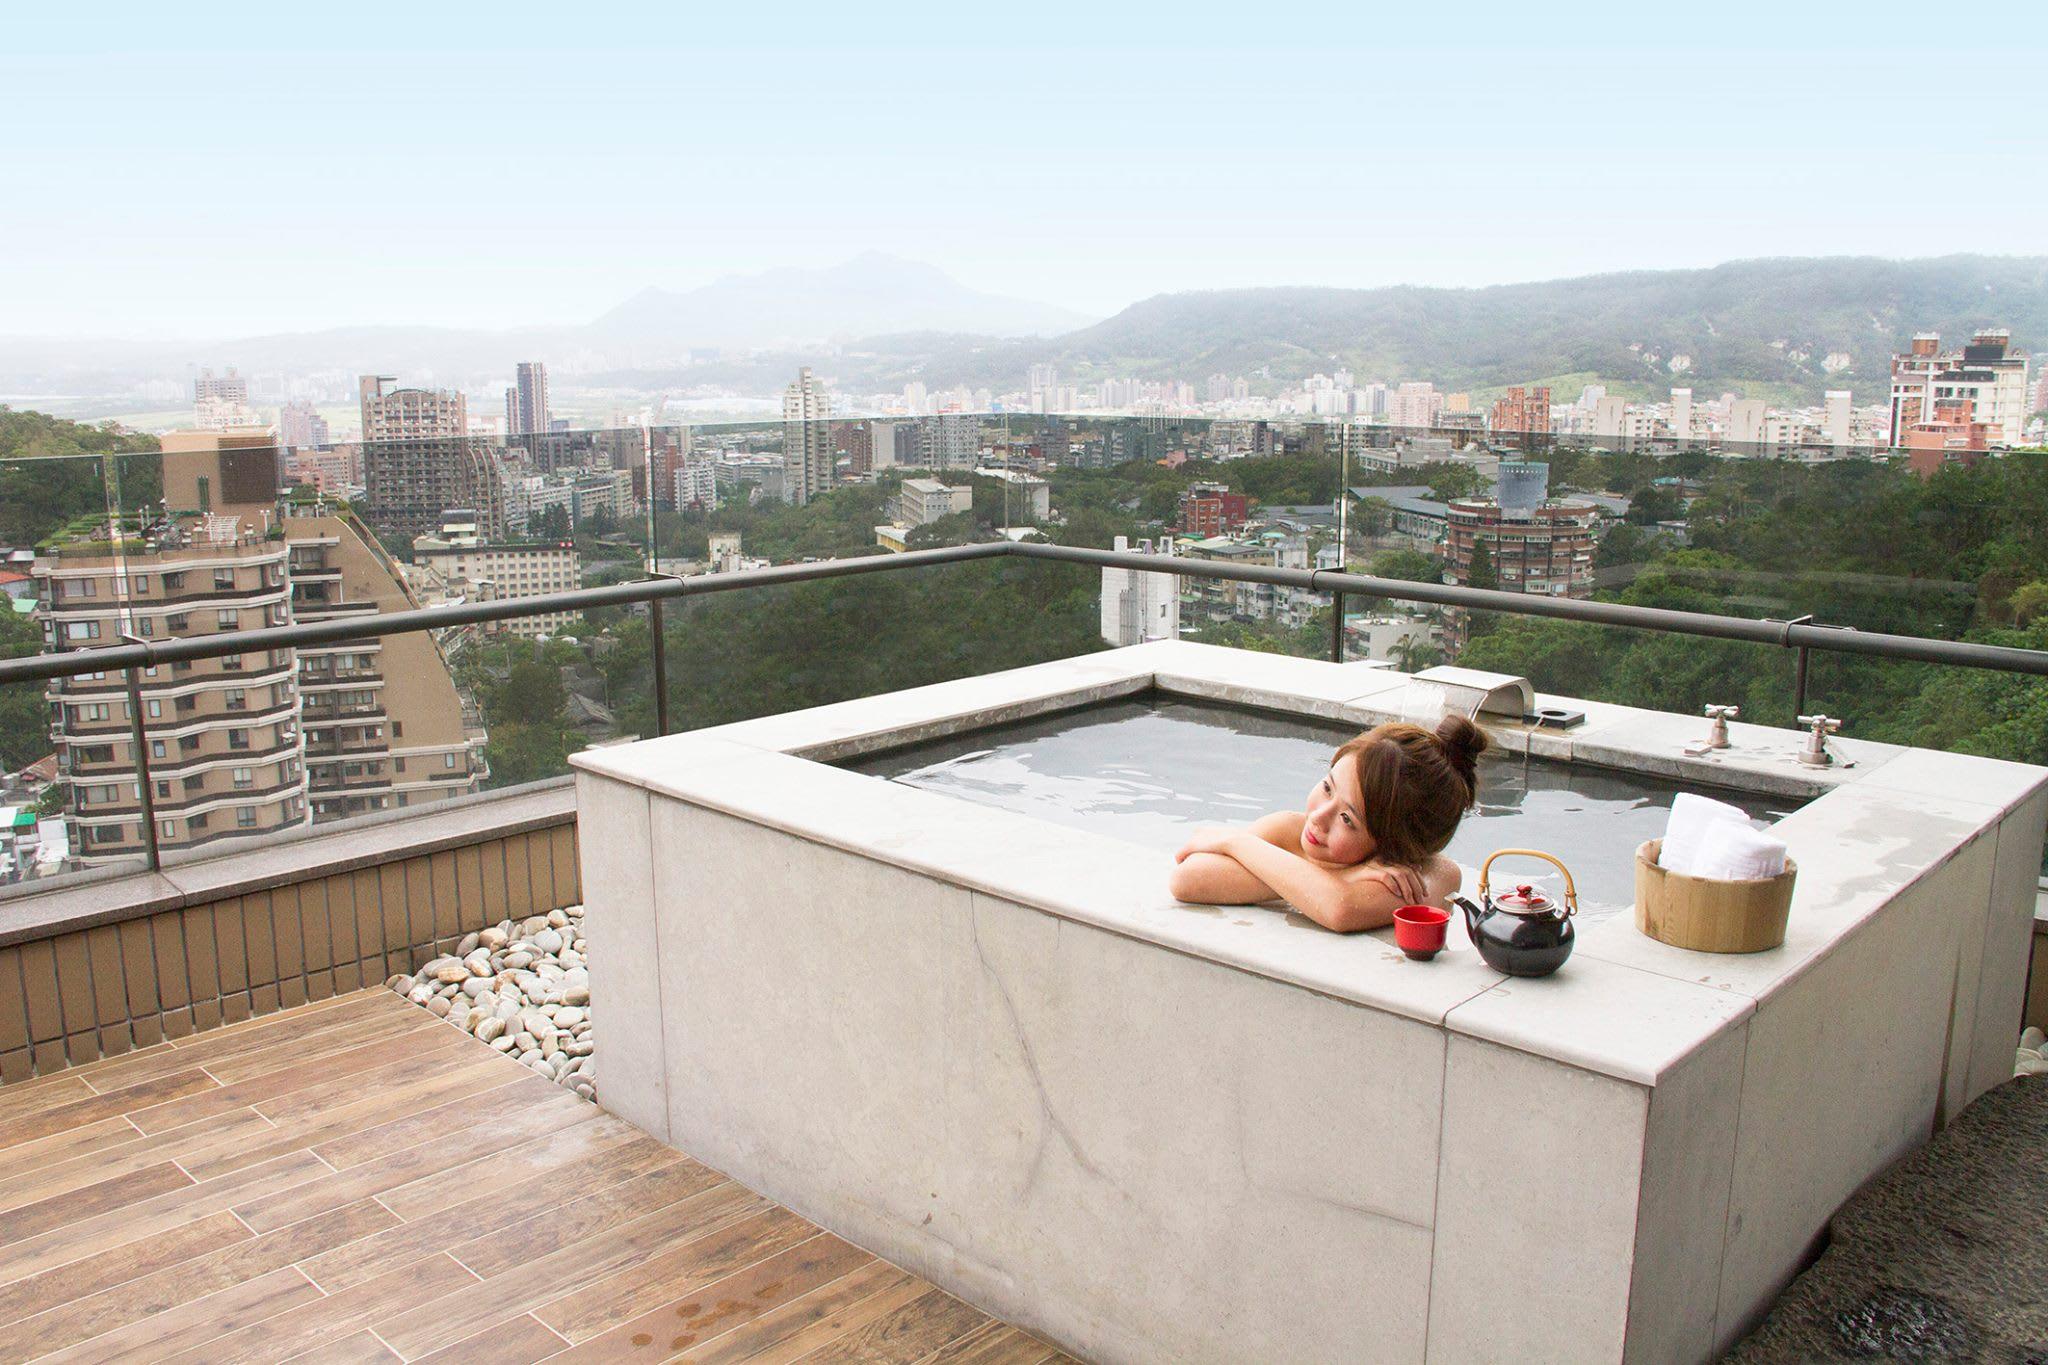 一邊泡湯、一邊賞美景,悠閒又幸福!(圖片來源/北投麗禧溫泉酒店FB粉絲團)